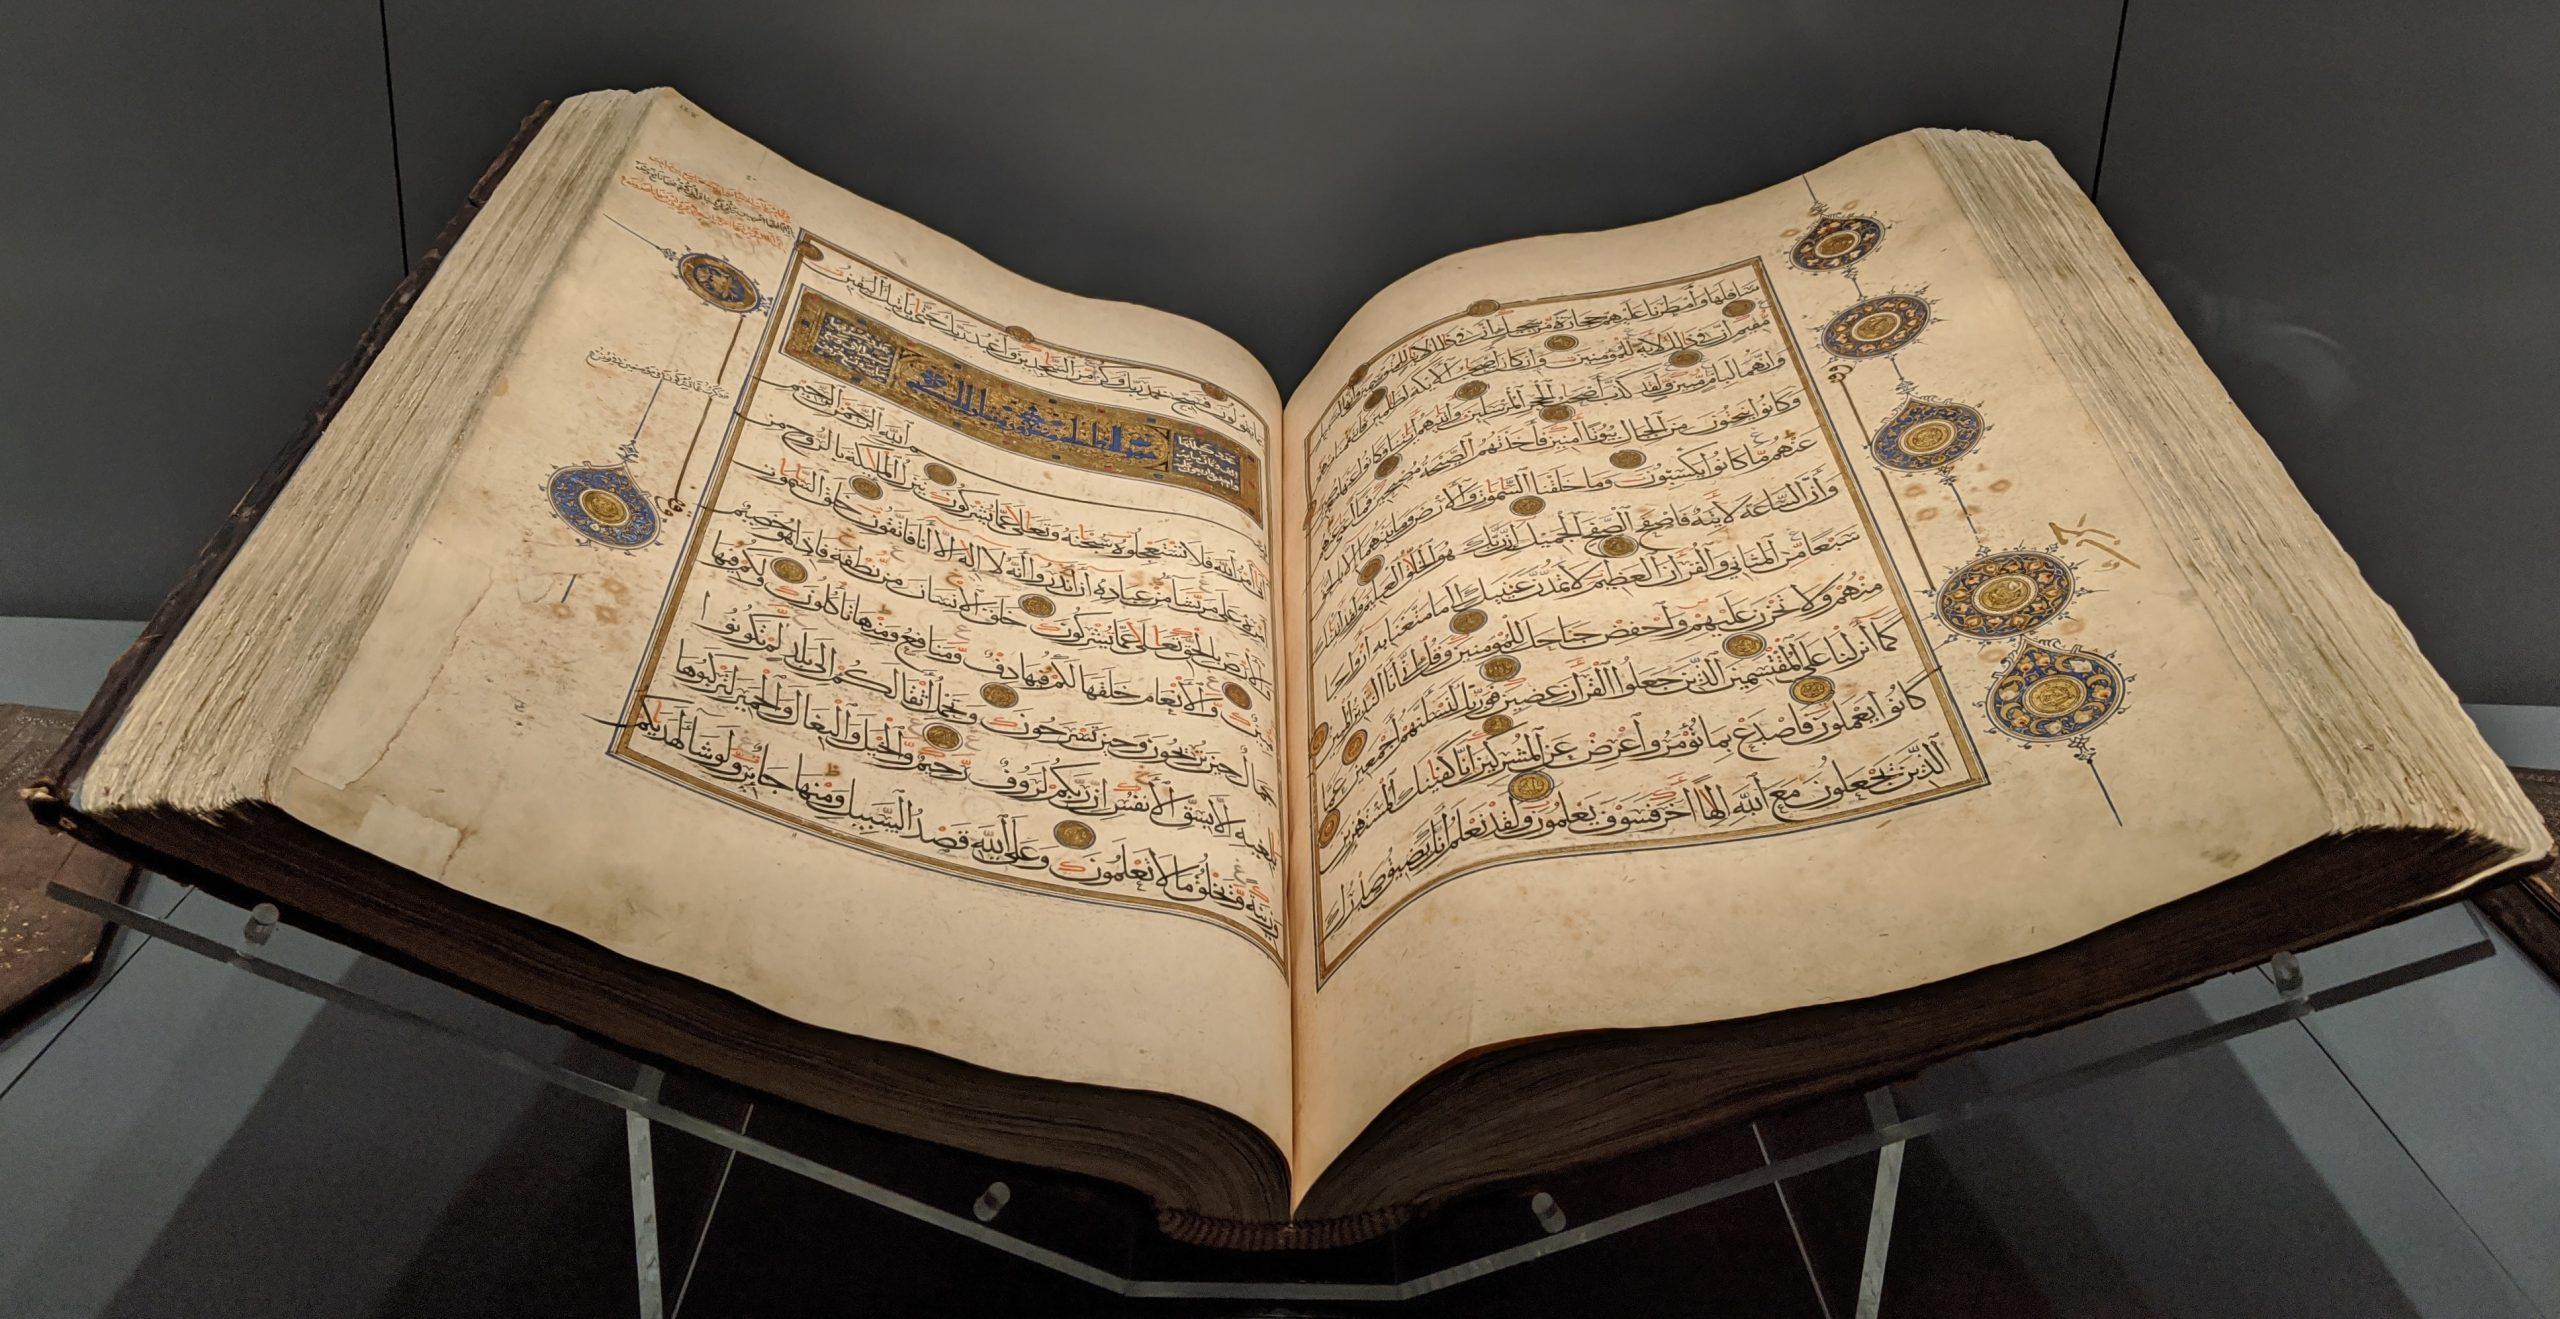 اسباب نزول سوره و آیات قرآن